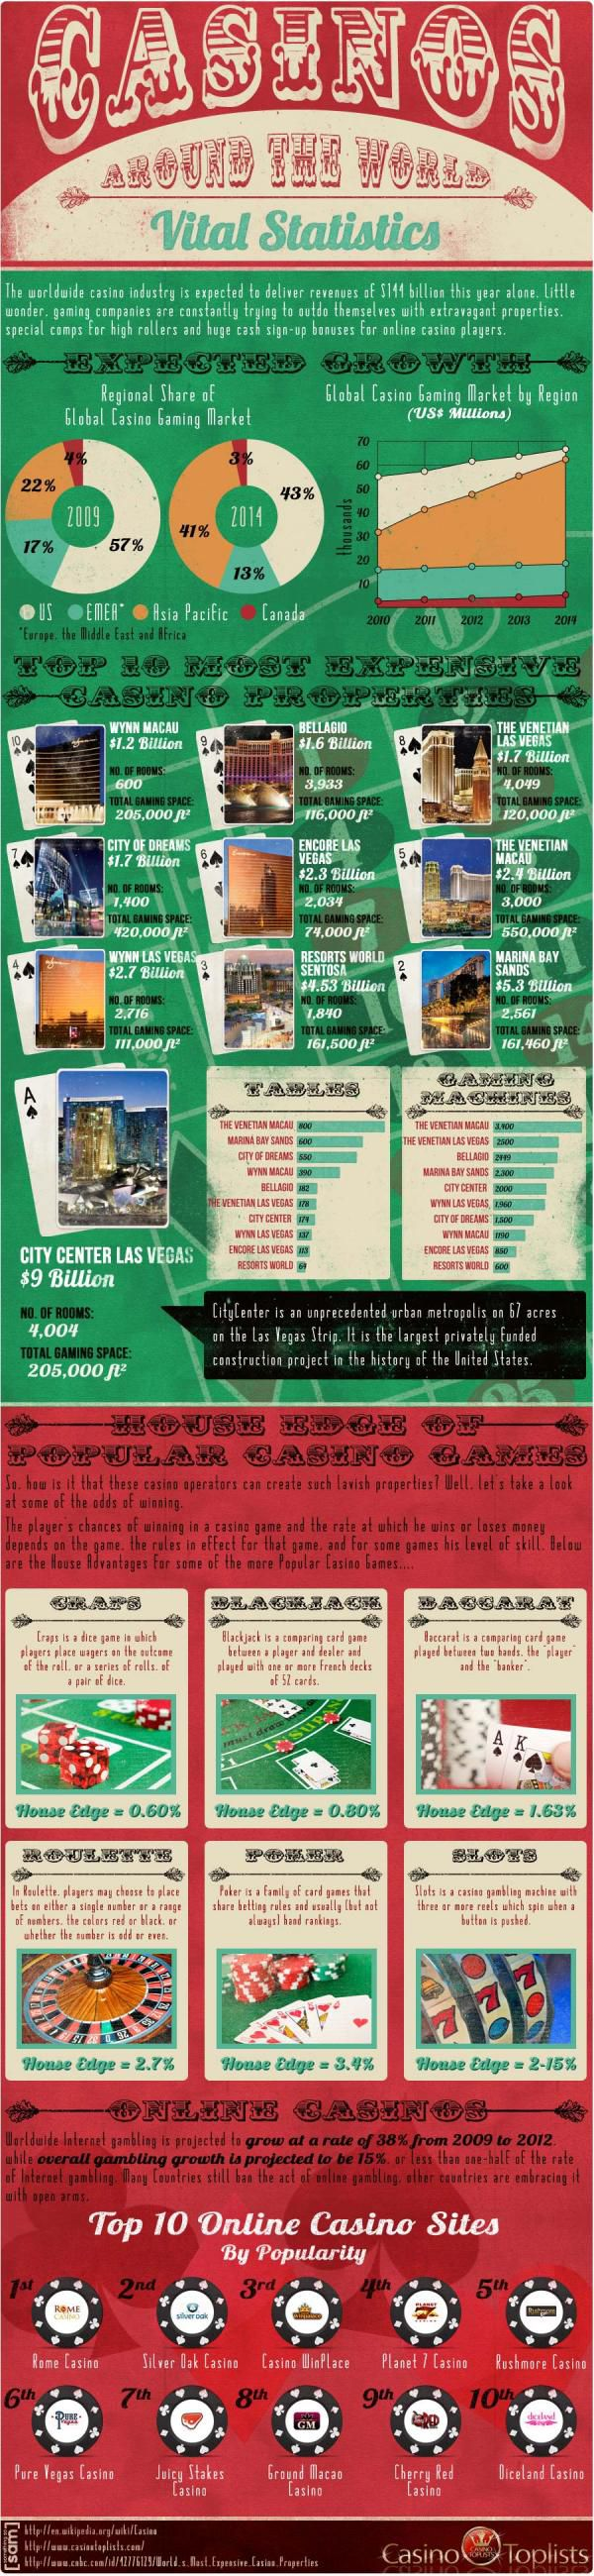 casino around the world2